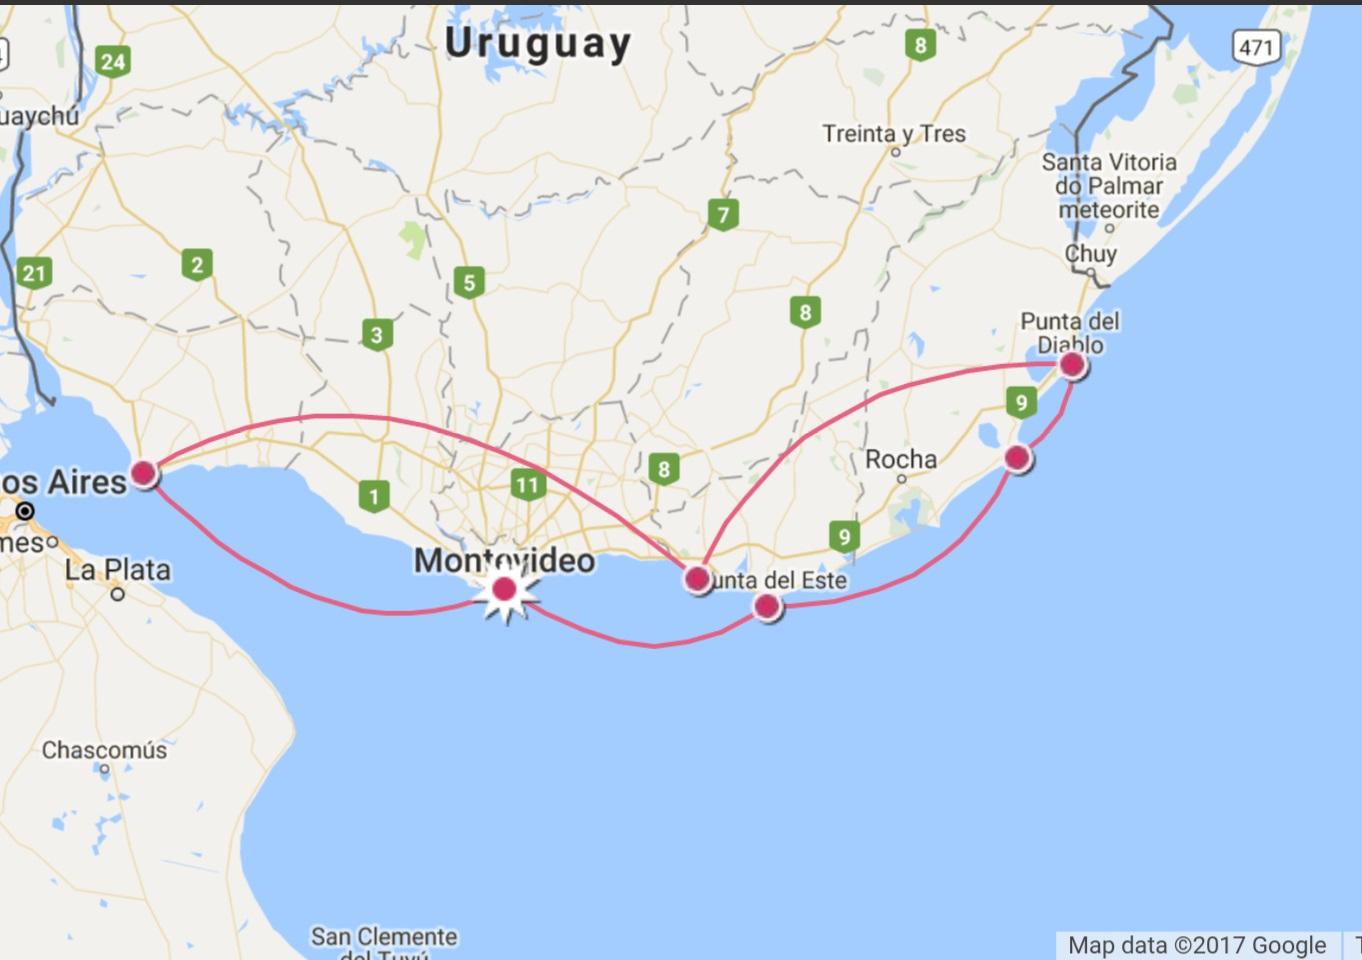 Mapa do meu roteiro no Uruguai - Quase de ponta a ponta em 6 locais